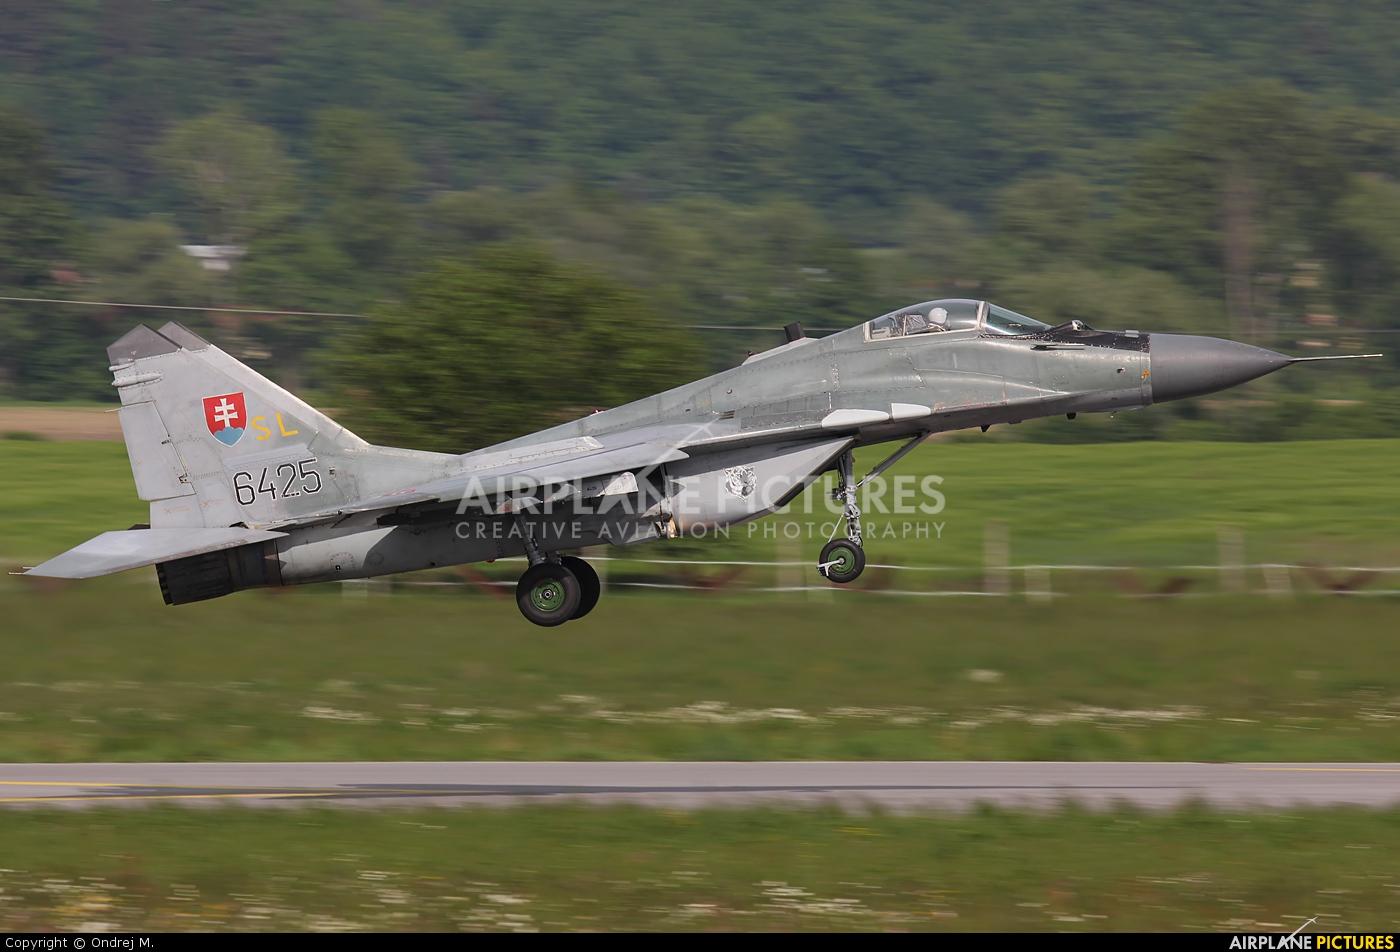 Slovakia -  Air Force 6425 aircraft at Sliač